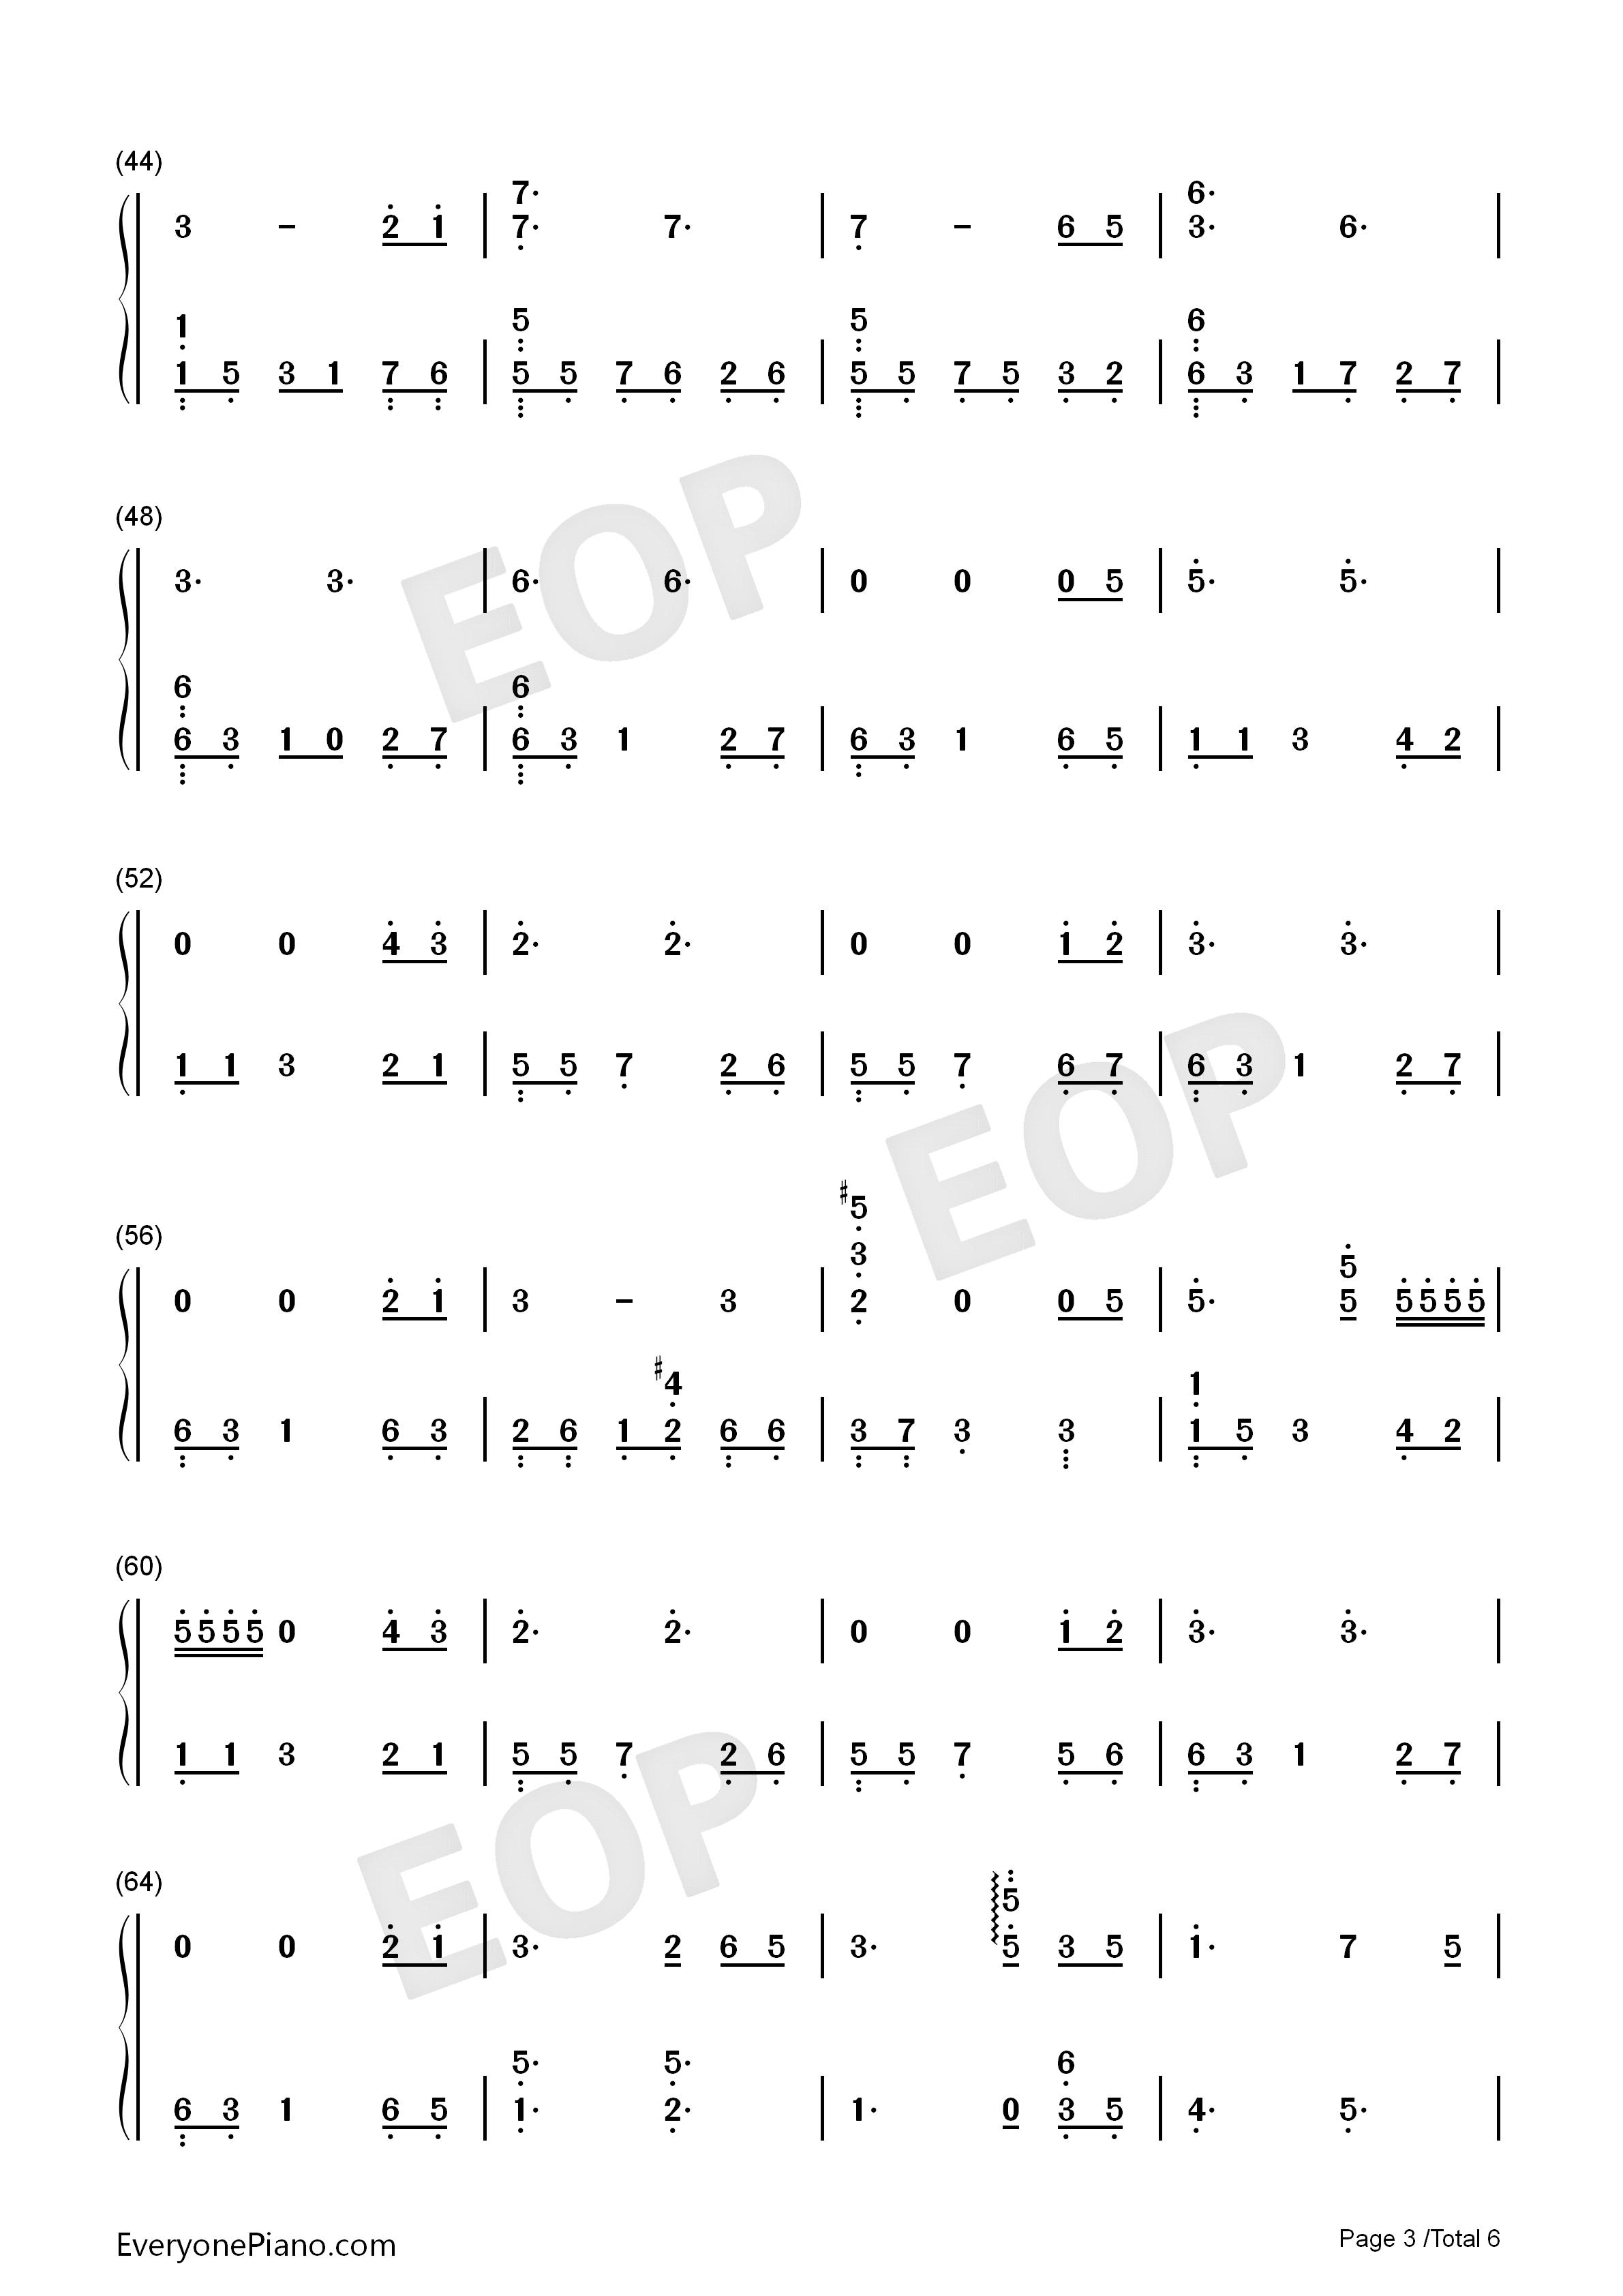 钢琴曲谱 轻音乐 月光边境-林海 月光边境-林海双手简谱预览3  }